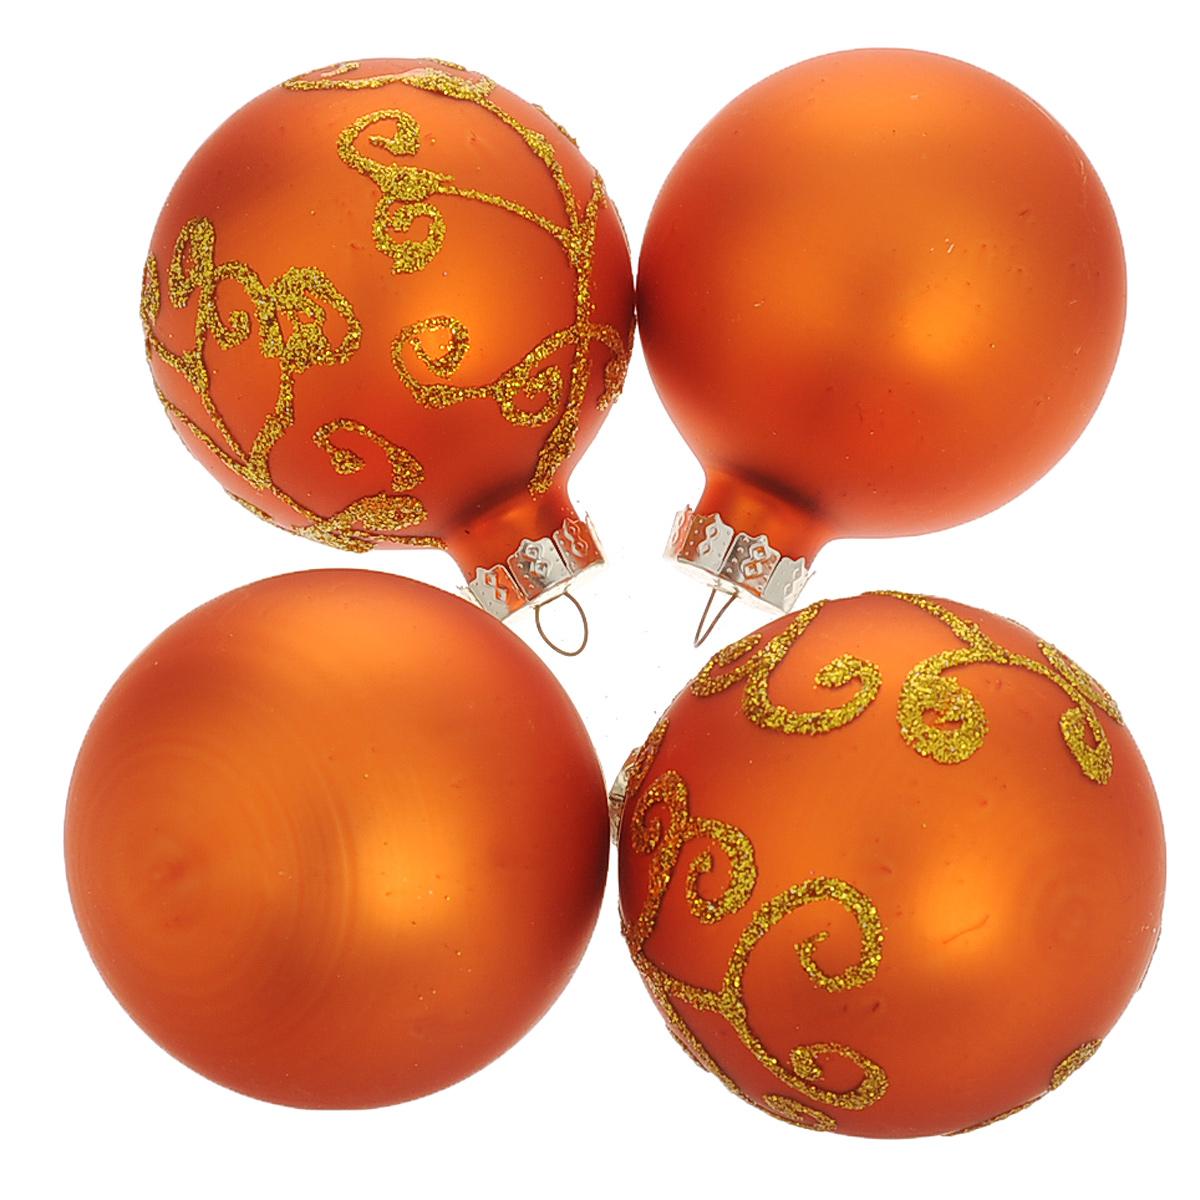 Набор новогодних подвесных украшений Шар, цвет: золотистый, диаметр 6 см, 4 шт. 3448834488Набор новогодних подвесных украшений Шар прекрасно подойдет для праздничного декора новогодней ели. Состоит из четырех шаров. Елочная игрушка - символ Нового года. Она несет в себе волшебство и красоту праздника. Создайте в своем доме атмосферу веселья и радости, украшая новогоднюю елку нарядными игрушками, которые будут из года в год накапливать теплоту воспоминаний. Коллекция декоративных украшений принесет в ваш дом ни с чем несравнимое ощущение волшебства! Откройте для себя удивительный мир сказок и грез. Почувствуйте волшебные минуты ожидания праздника, создайте новогоднее настроение вашим дорогим и близким.